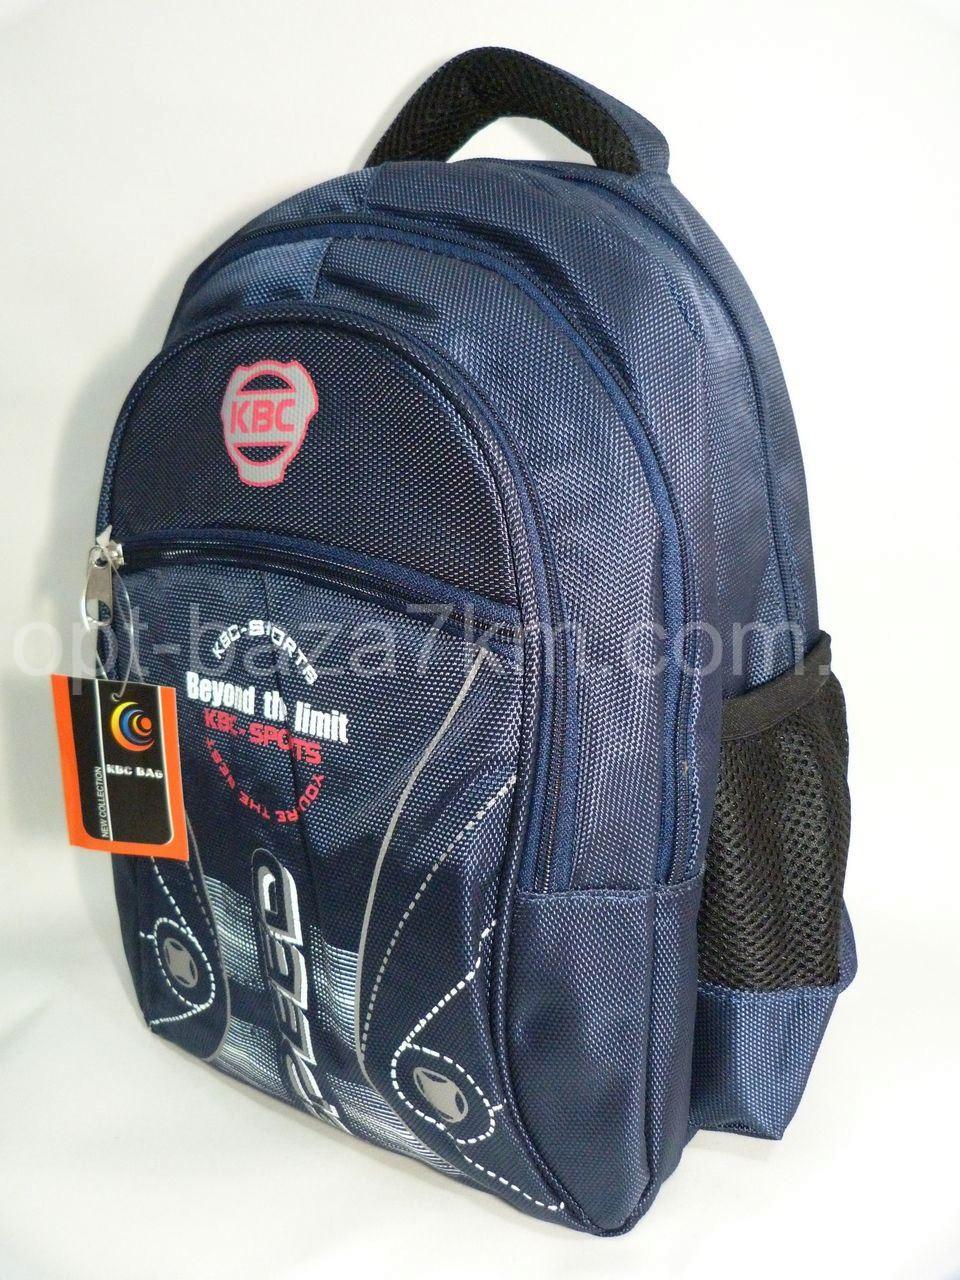 9cc87126ae19 Рюкзак школьный оптом для мальчика (38х30х18) по низким ценам от прямого  поставщика в Одессе